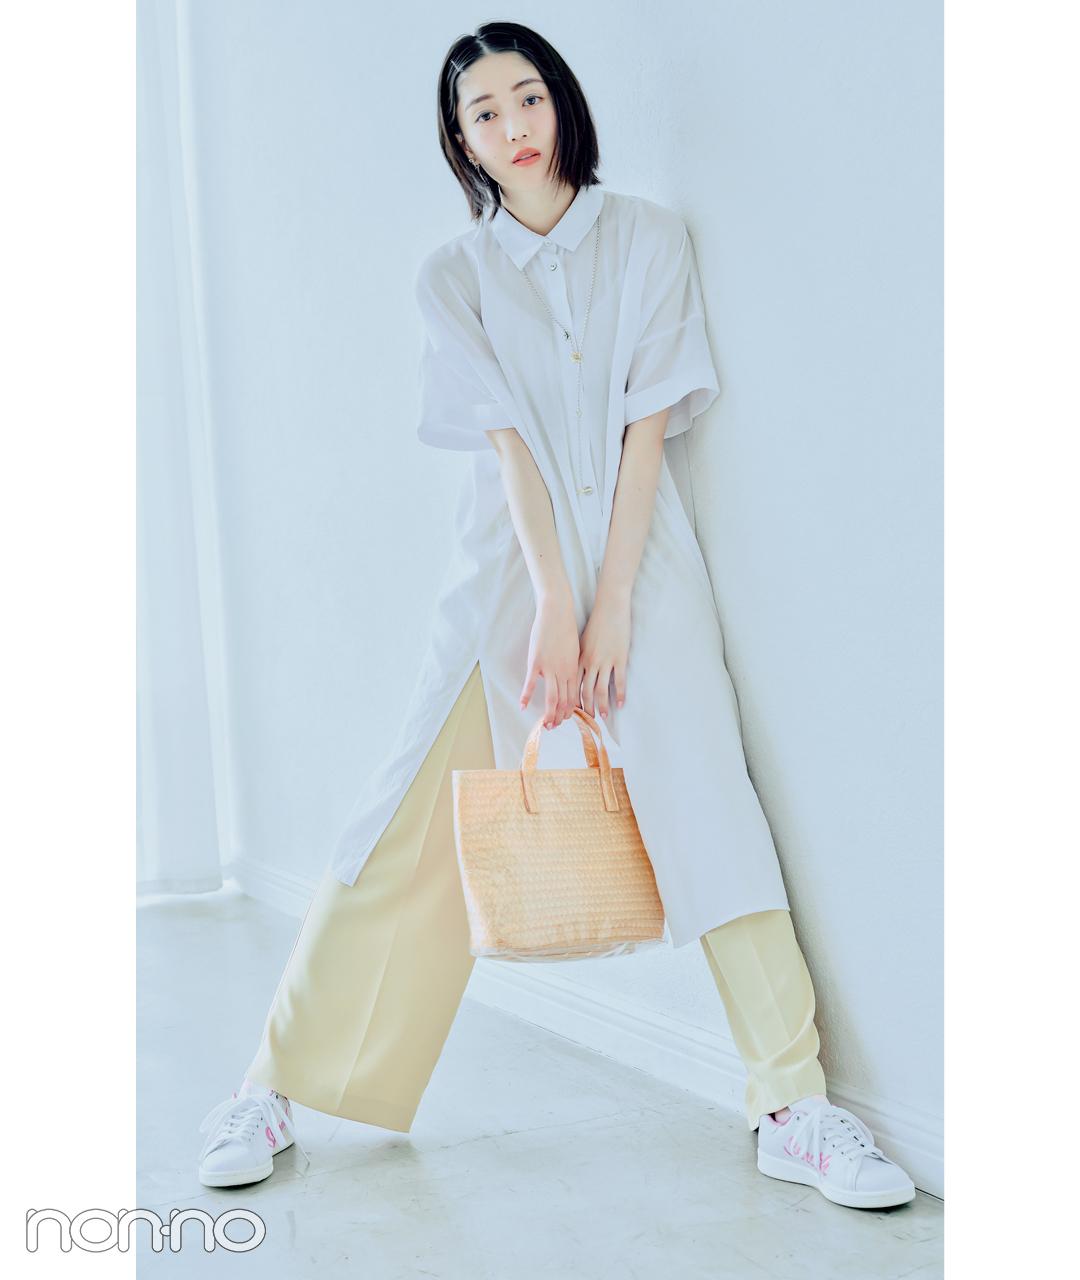 松川菜々花のアガるスニーカーモデルカット2-1